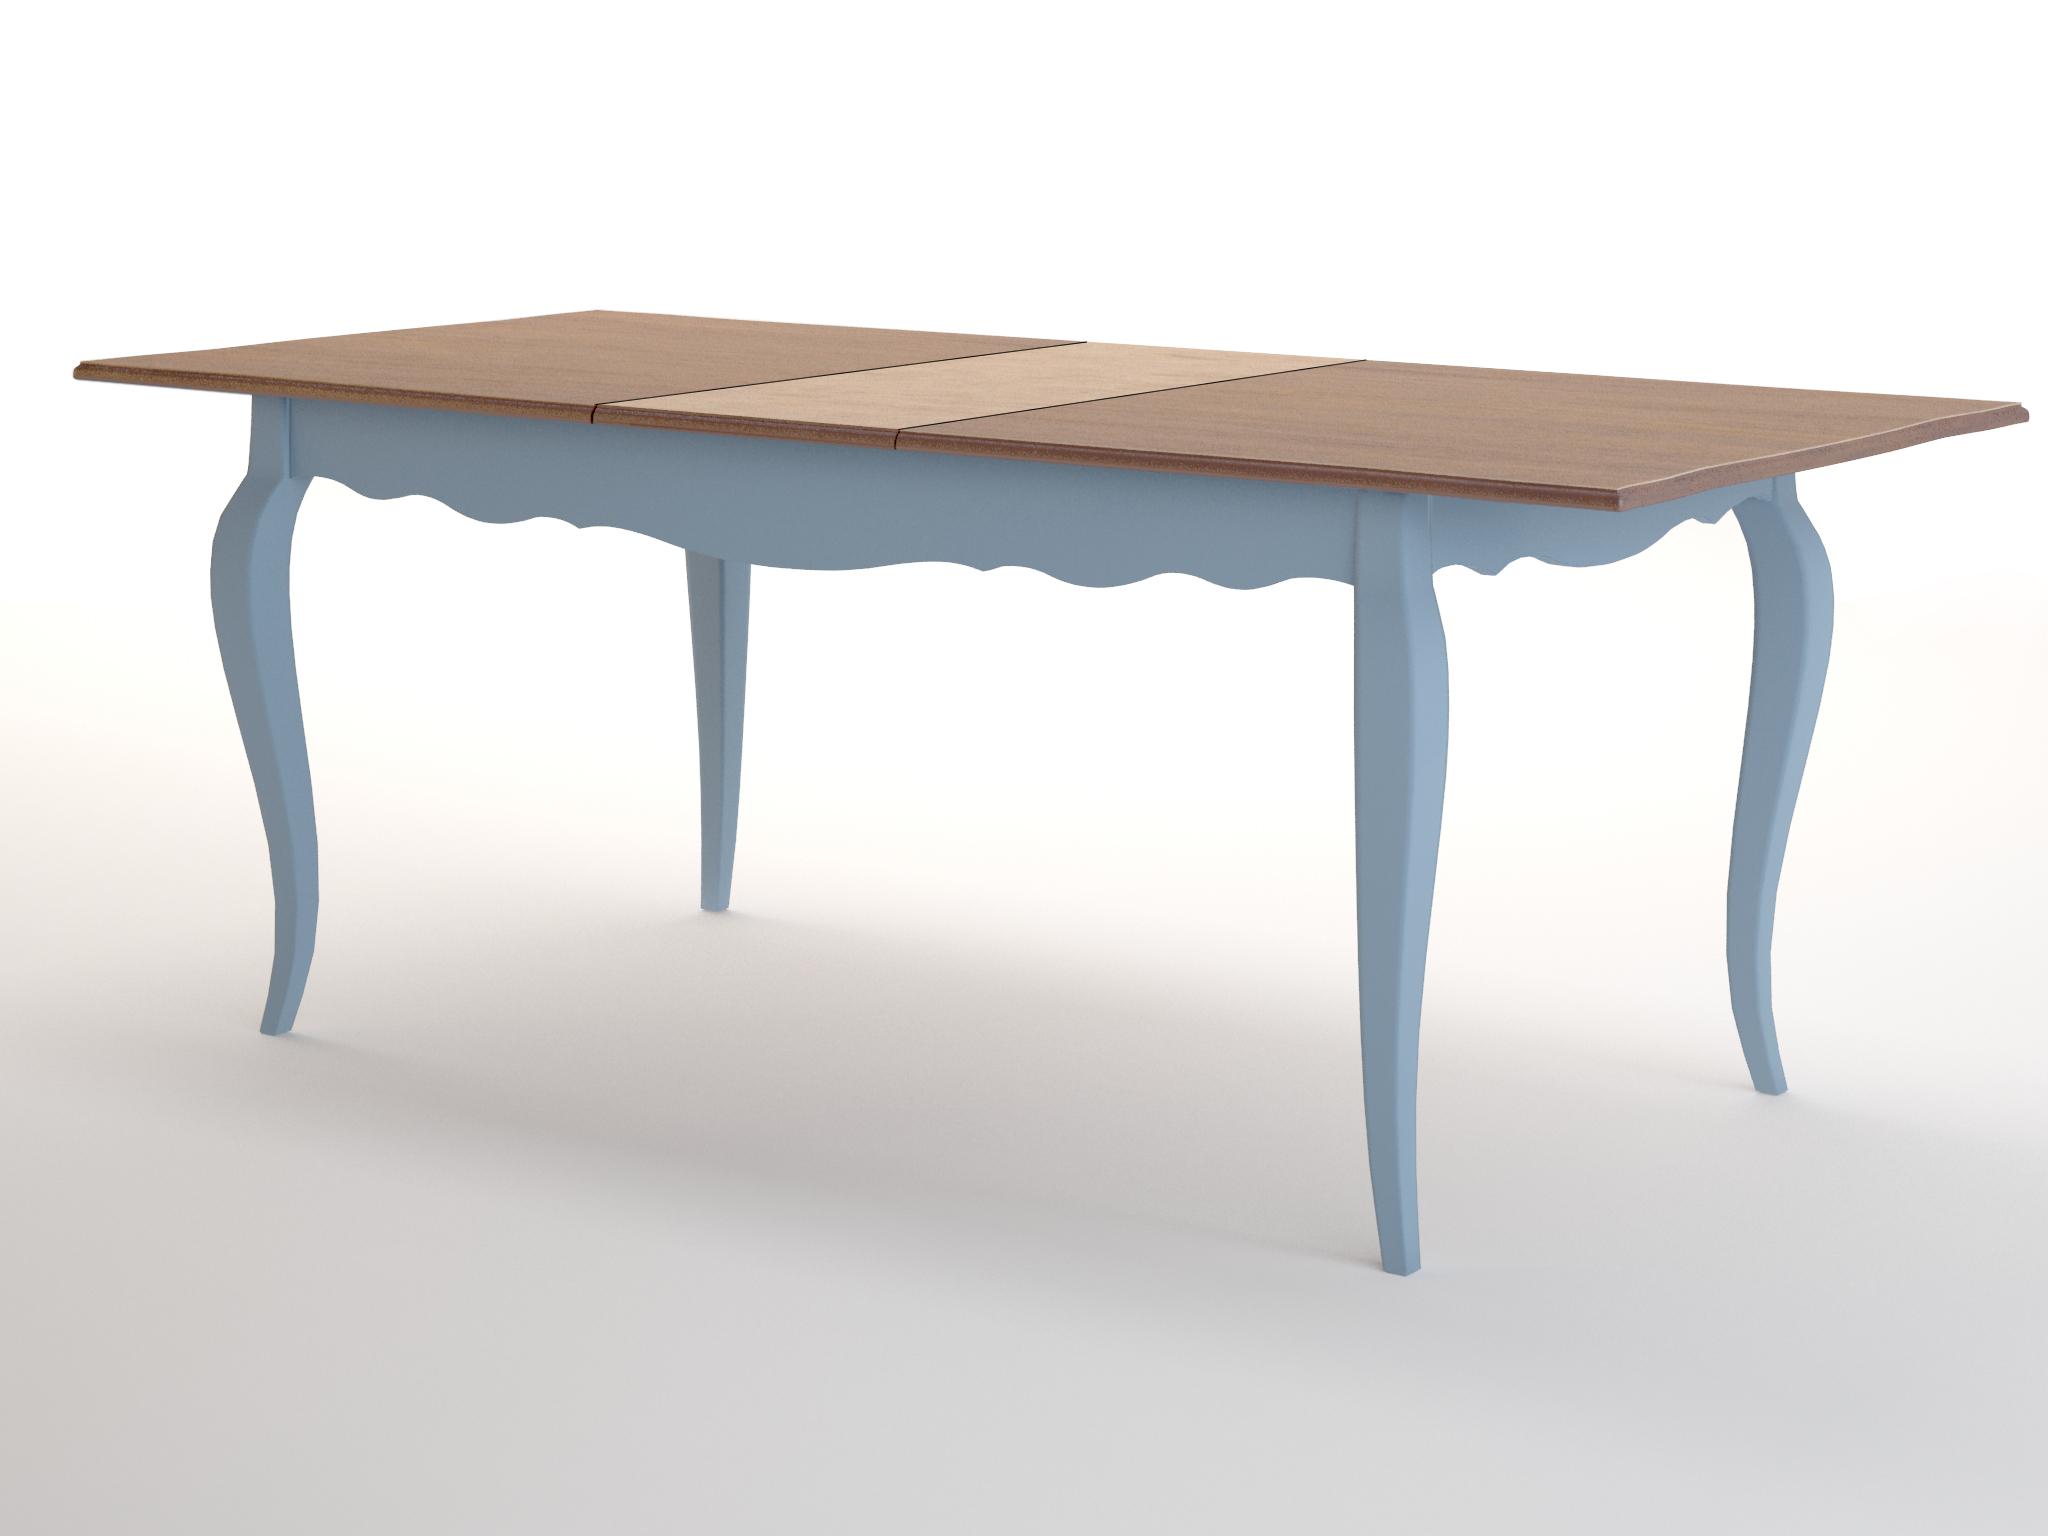 Стол LeontinaОбеденные столы<br>Цвет столешницы: Орех<br><br>Material: Береза<br>Width см: 160<br>Depth см: 90<br>Height см: 77